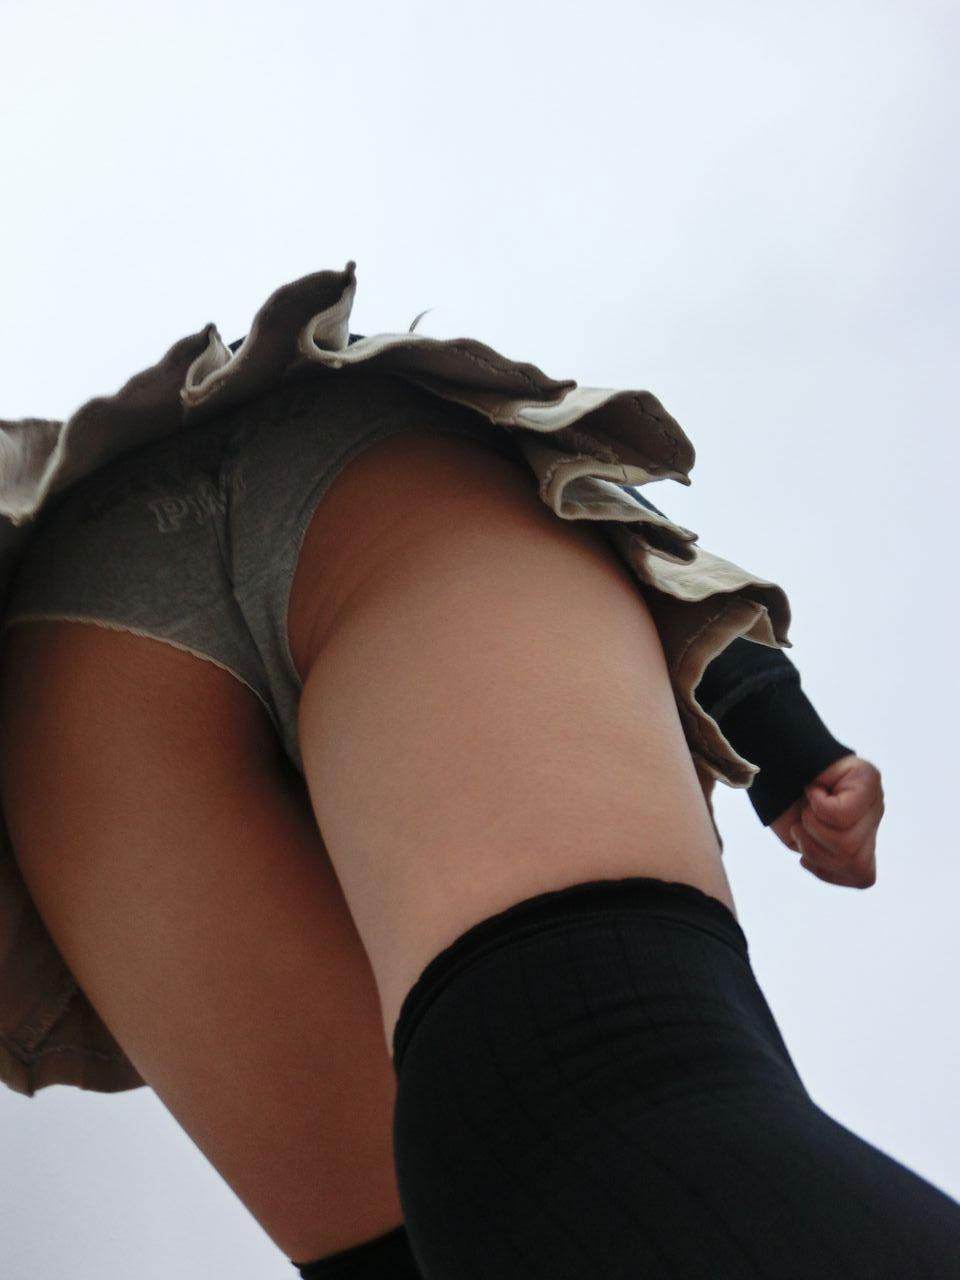 【パンチラエロ画像】素人系じゃないパンチラの方が細かいこと気にせず興奮できる件www 04